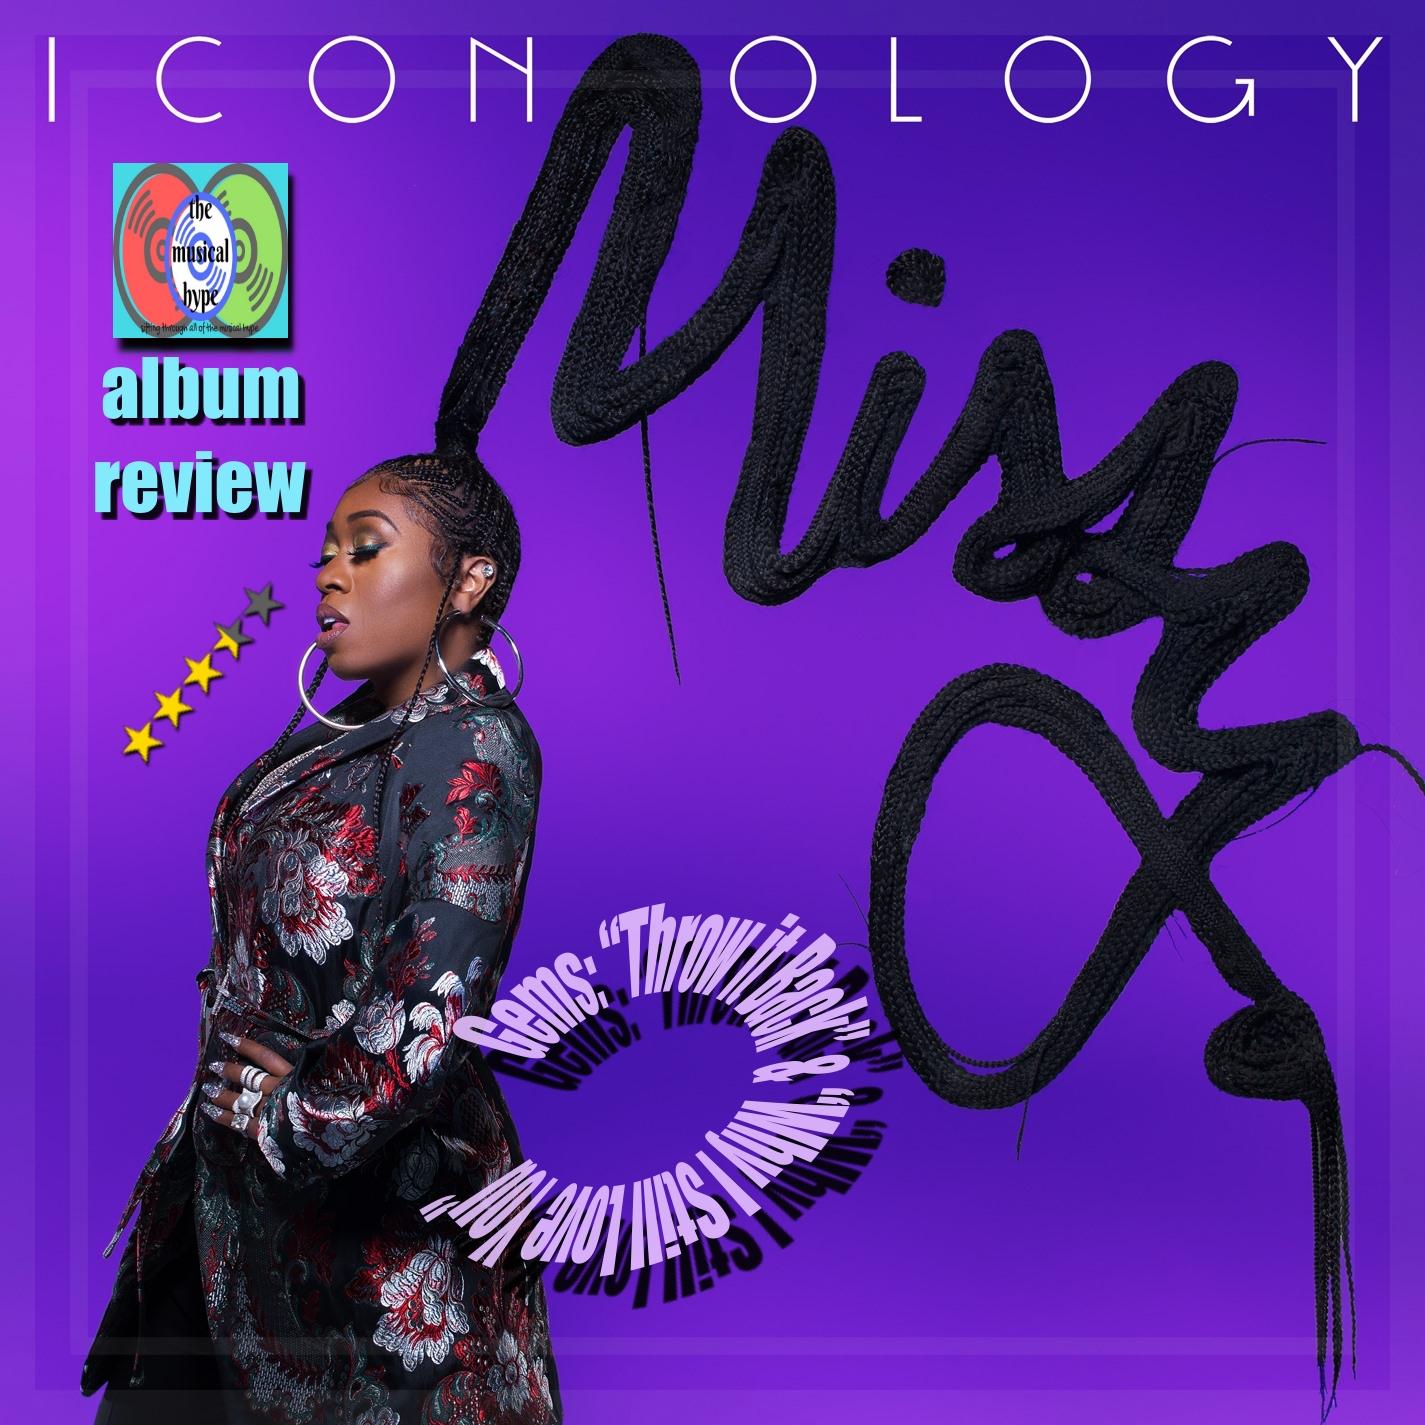 Missy Elliott, Iconology (EP) | Album Review